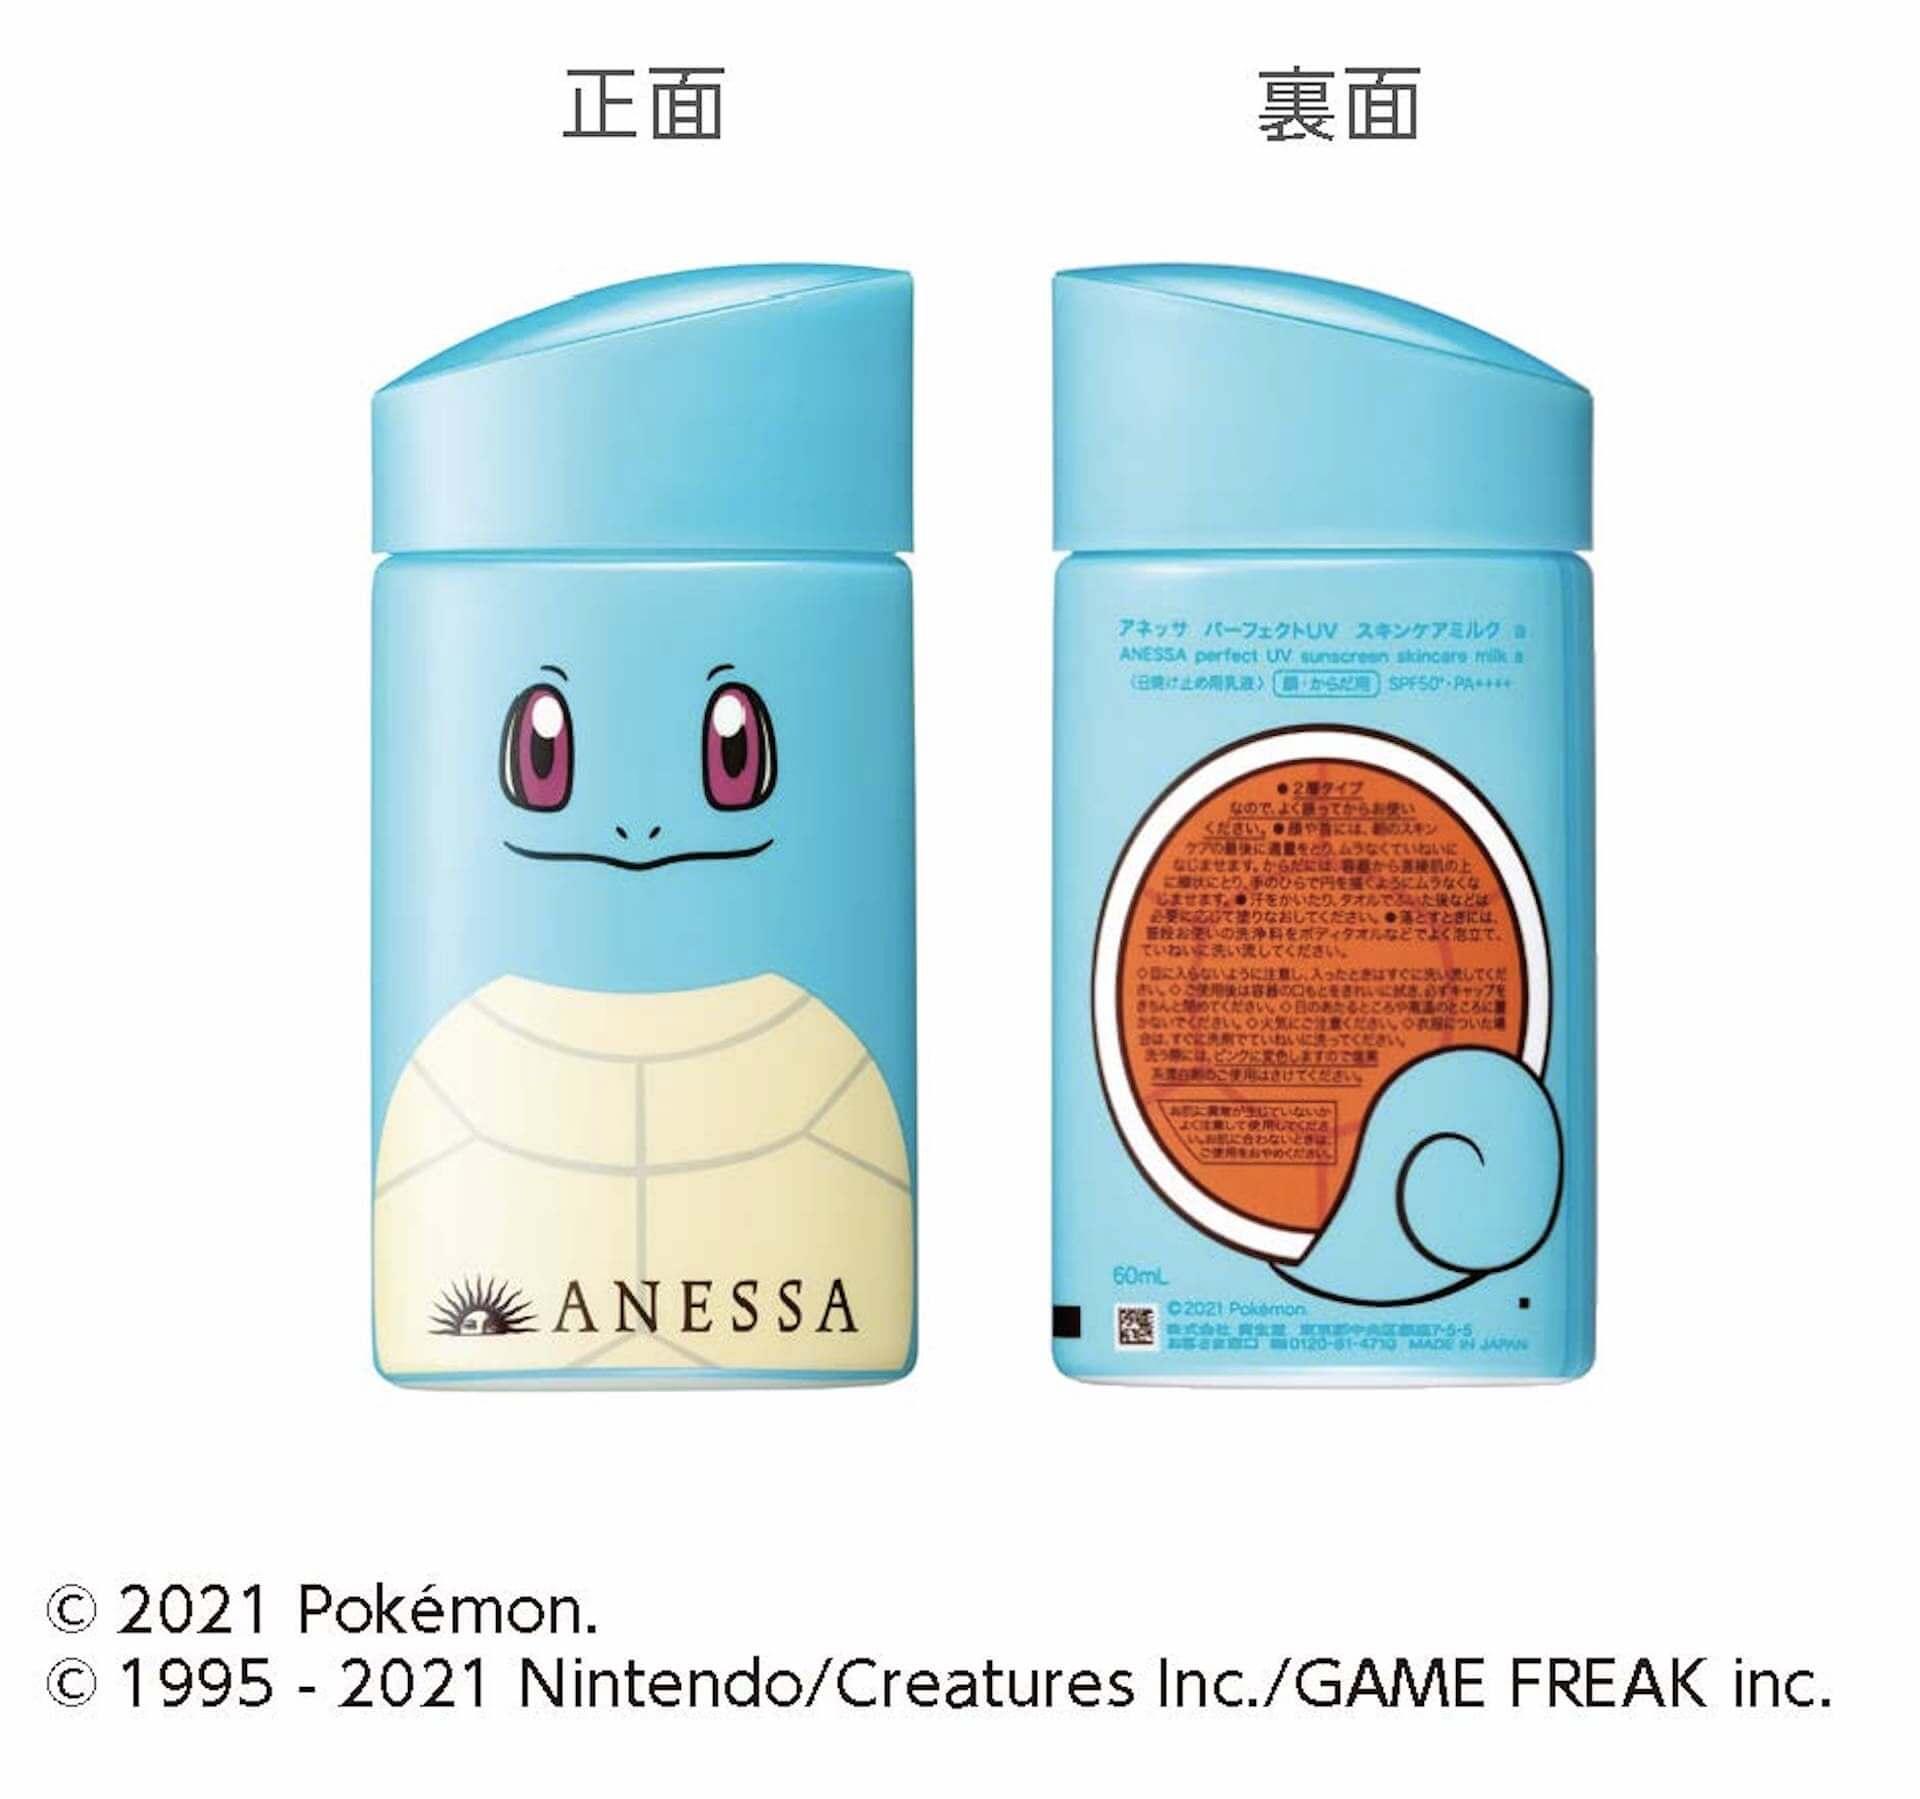 アネッサとポケモンのコラボが実現!ピカチュウ、イーブイ、ゼニガメの日焼け止めが数量限定で発売決定 life210226_pokemon_anessa_3